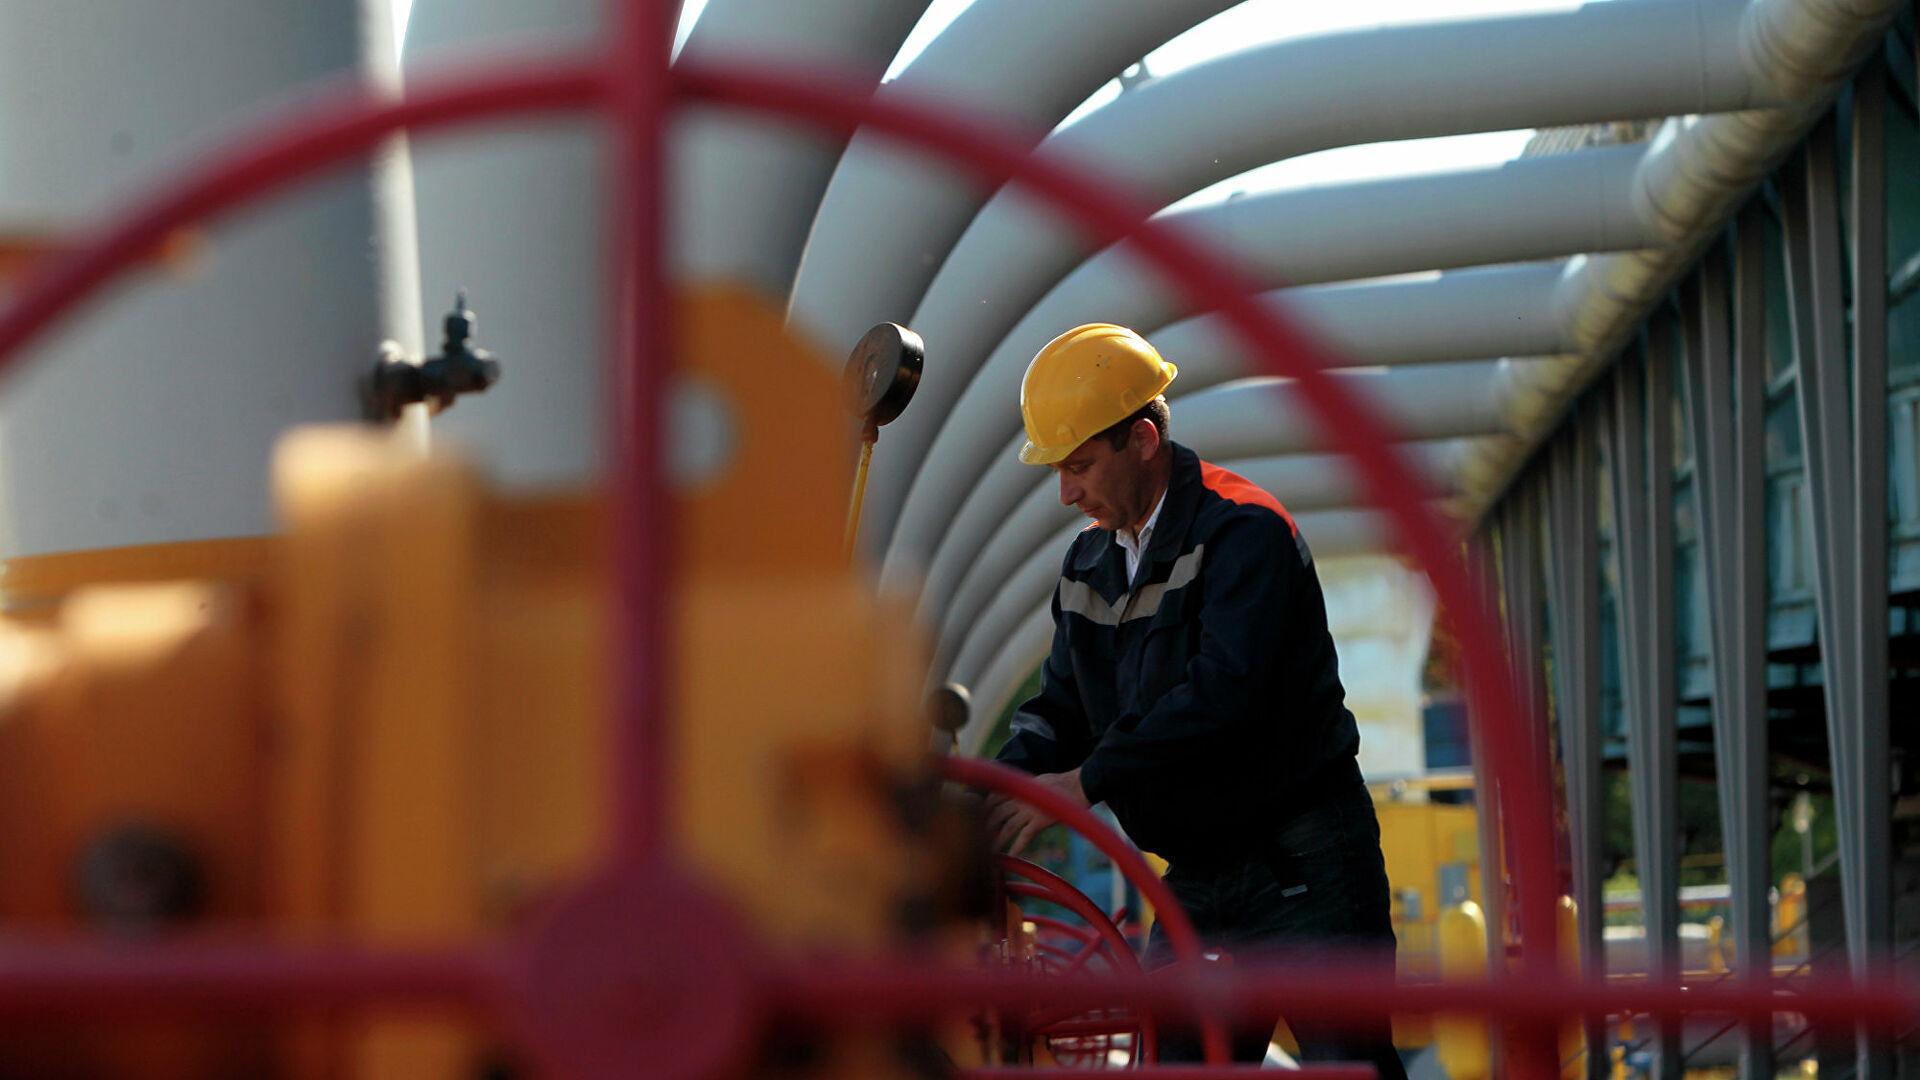 Цена газа в Европе впервые превысила 880 долларов за тысячу кубометров